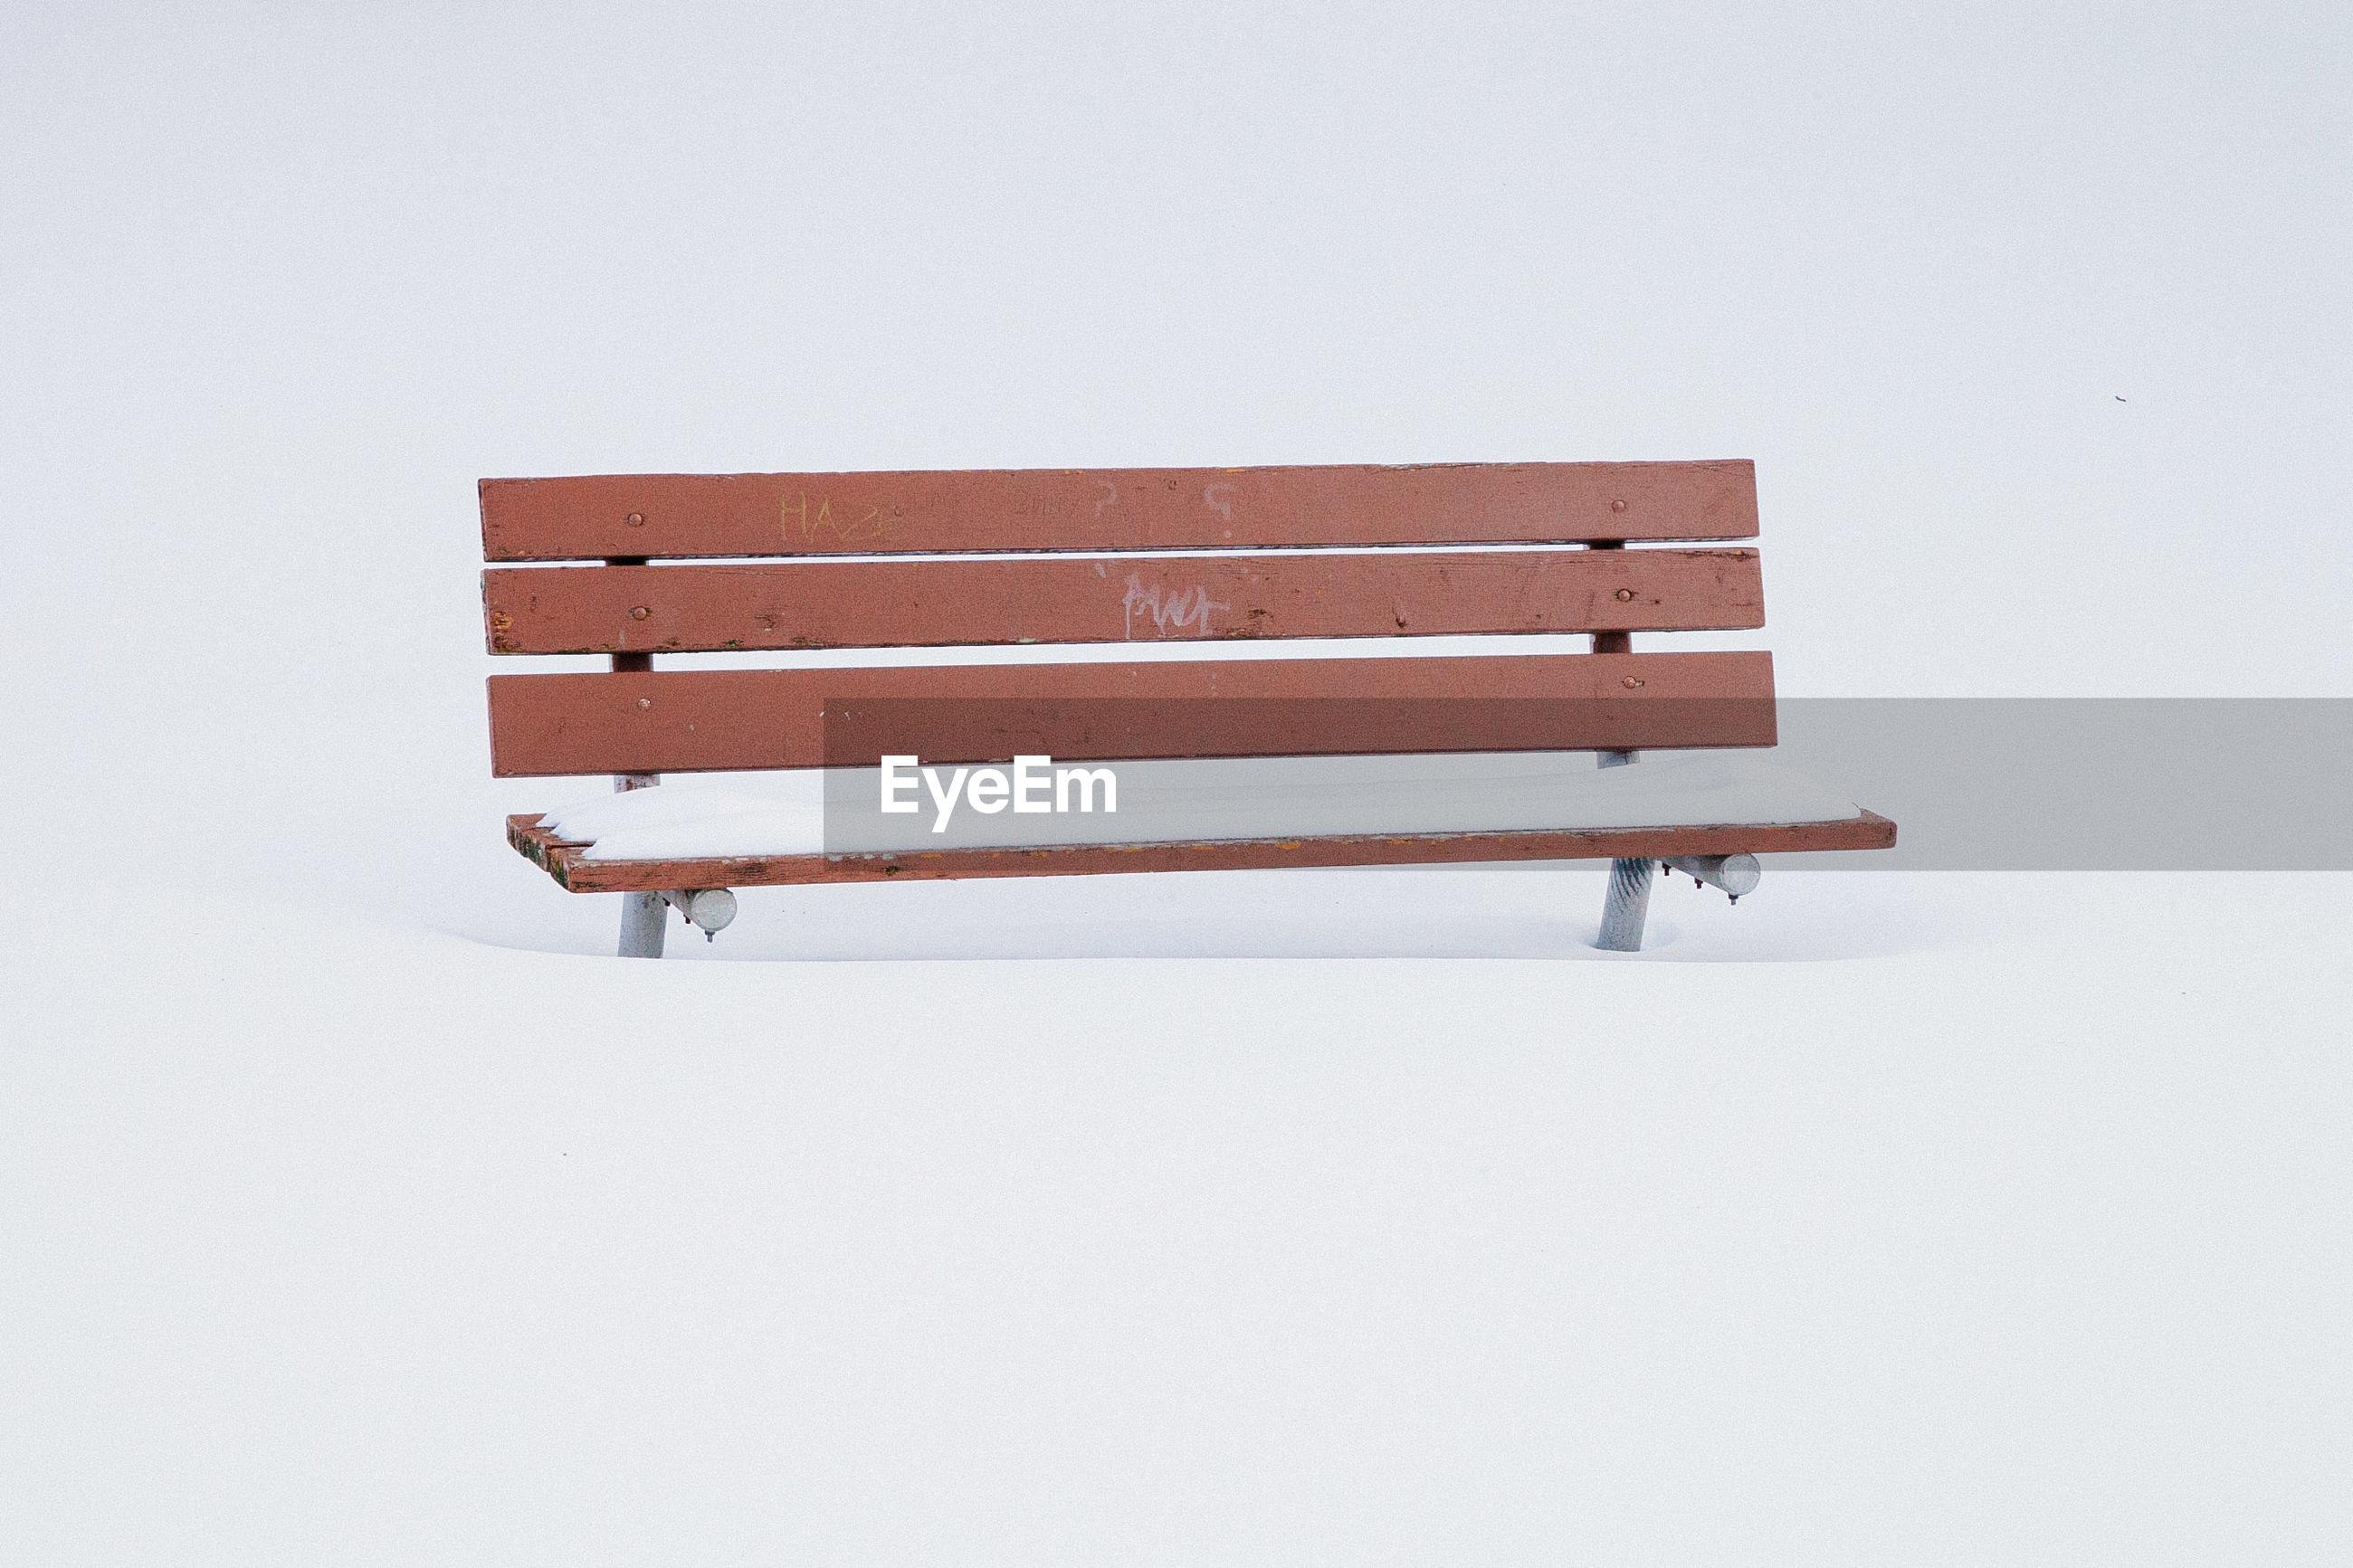 Empty bench on snow